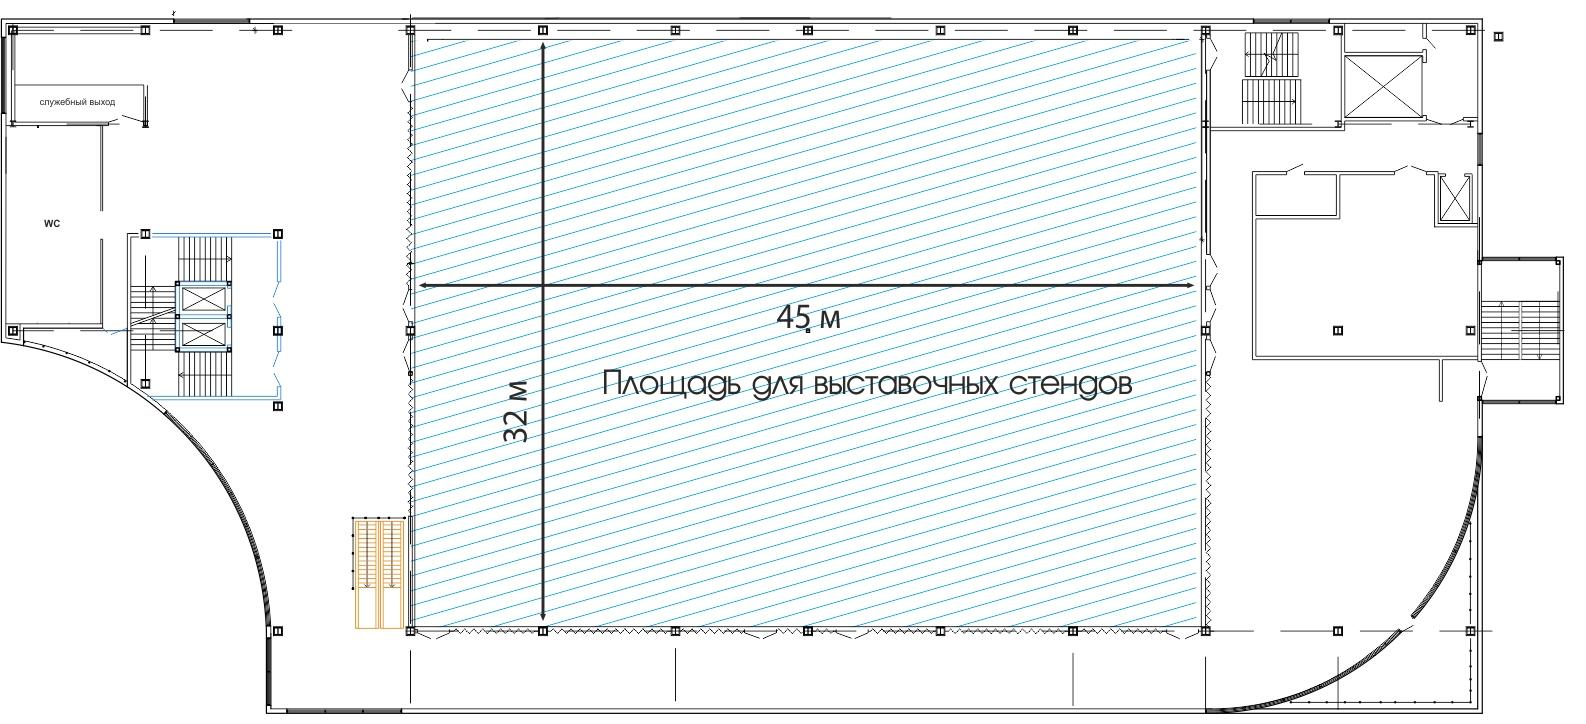 Планировки Выставочных залов